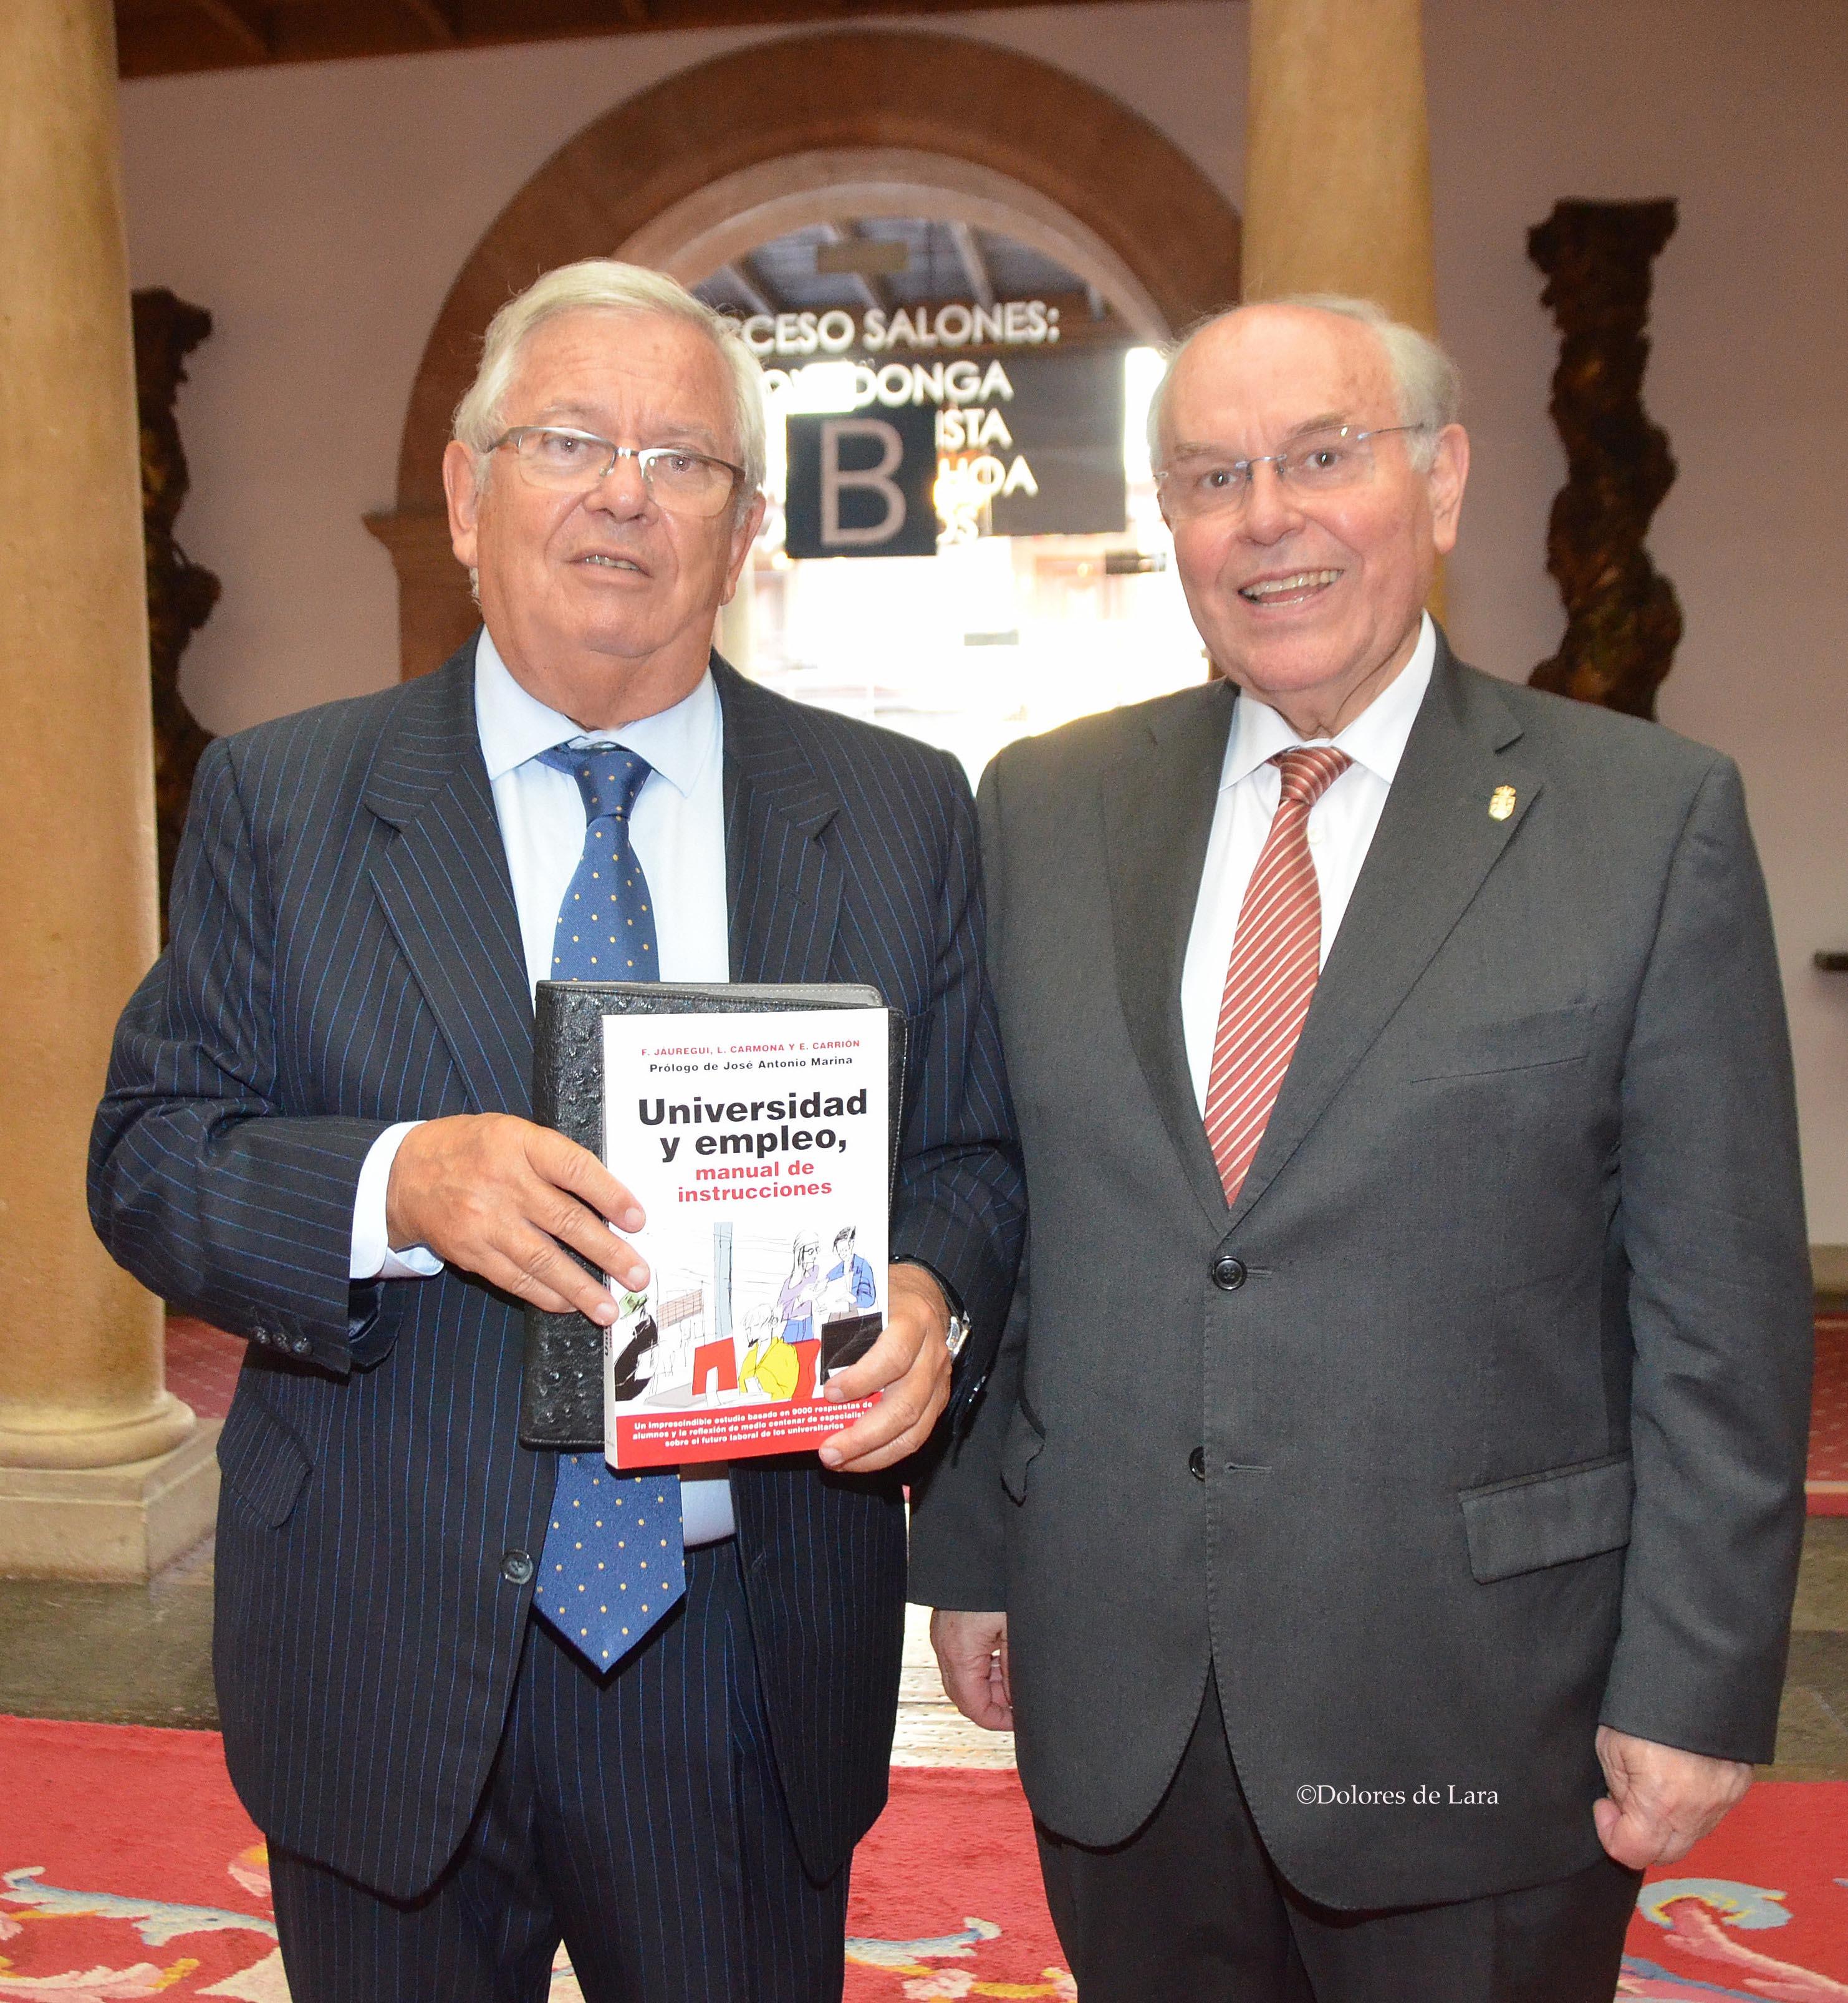 César Nombela, rector de la Universidad Internacional Menéndez Pelayo, con 'Universidad y Empelo'